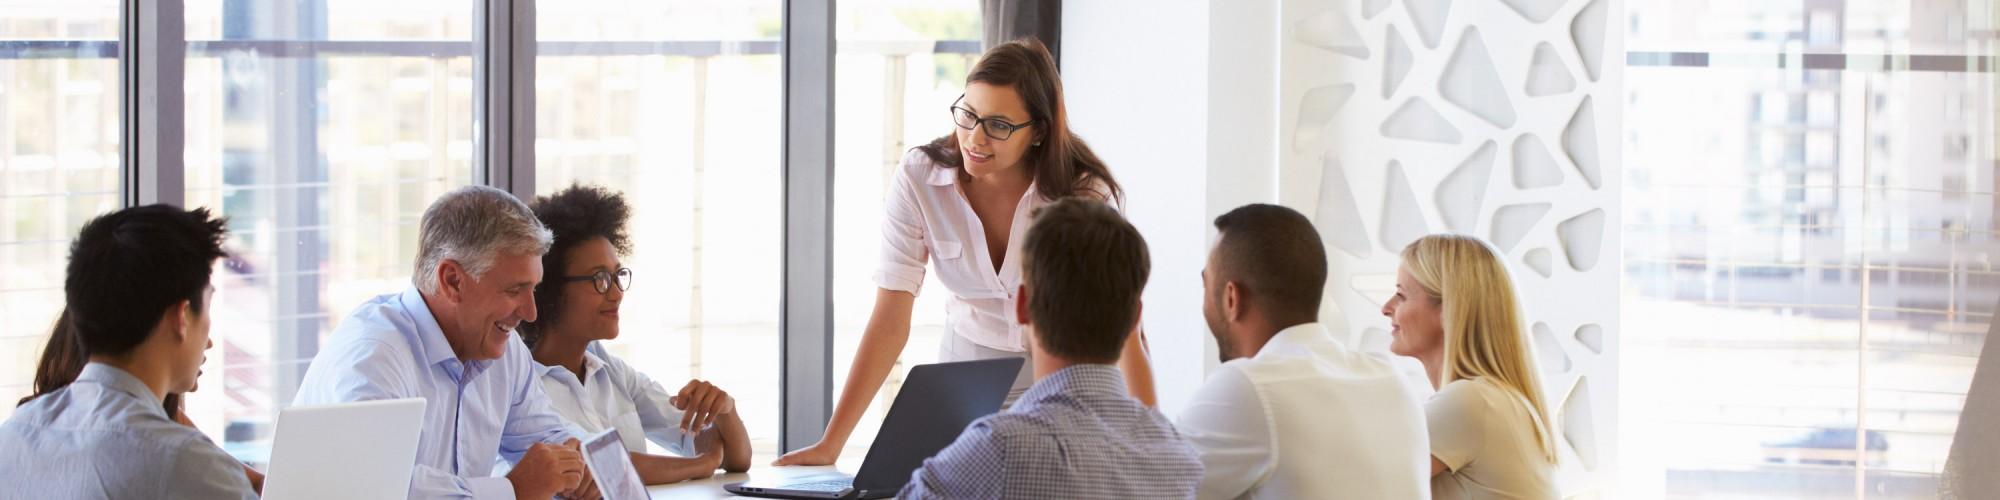 Фасилитиране на бизнес срещи и групи